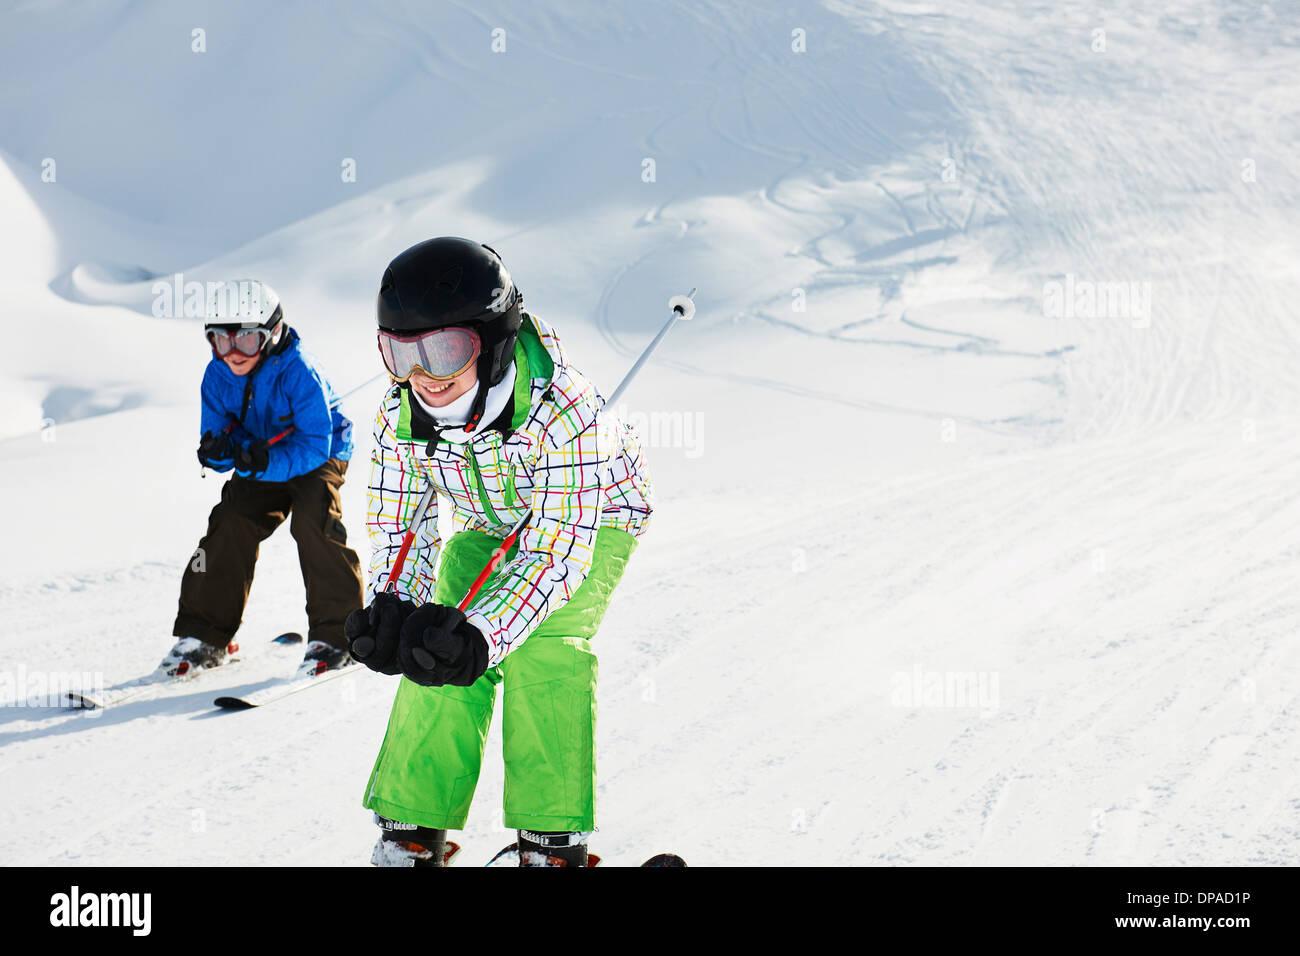 Frère et sœur, descente de ski Les Arcs, Haute-Savoie, France Photo Stock